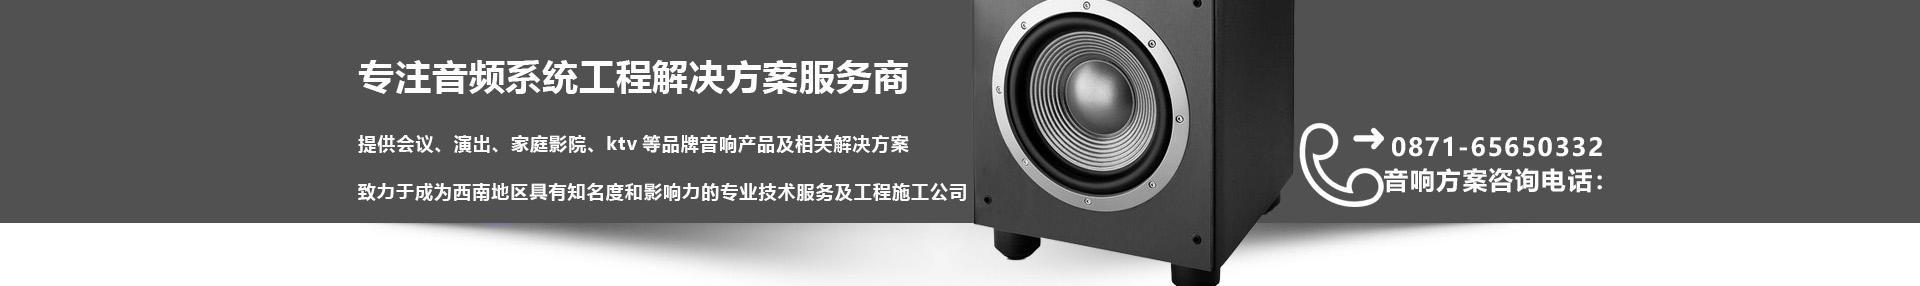 音频系统工程解决方案服务商